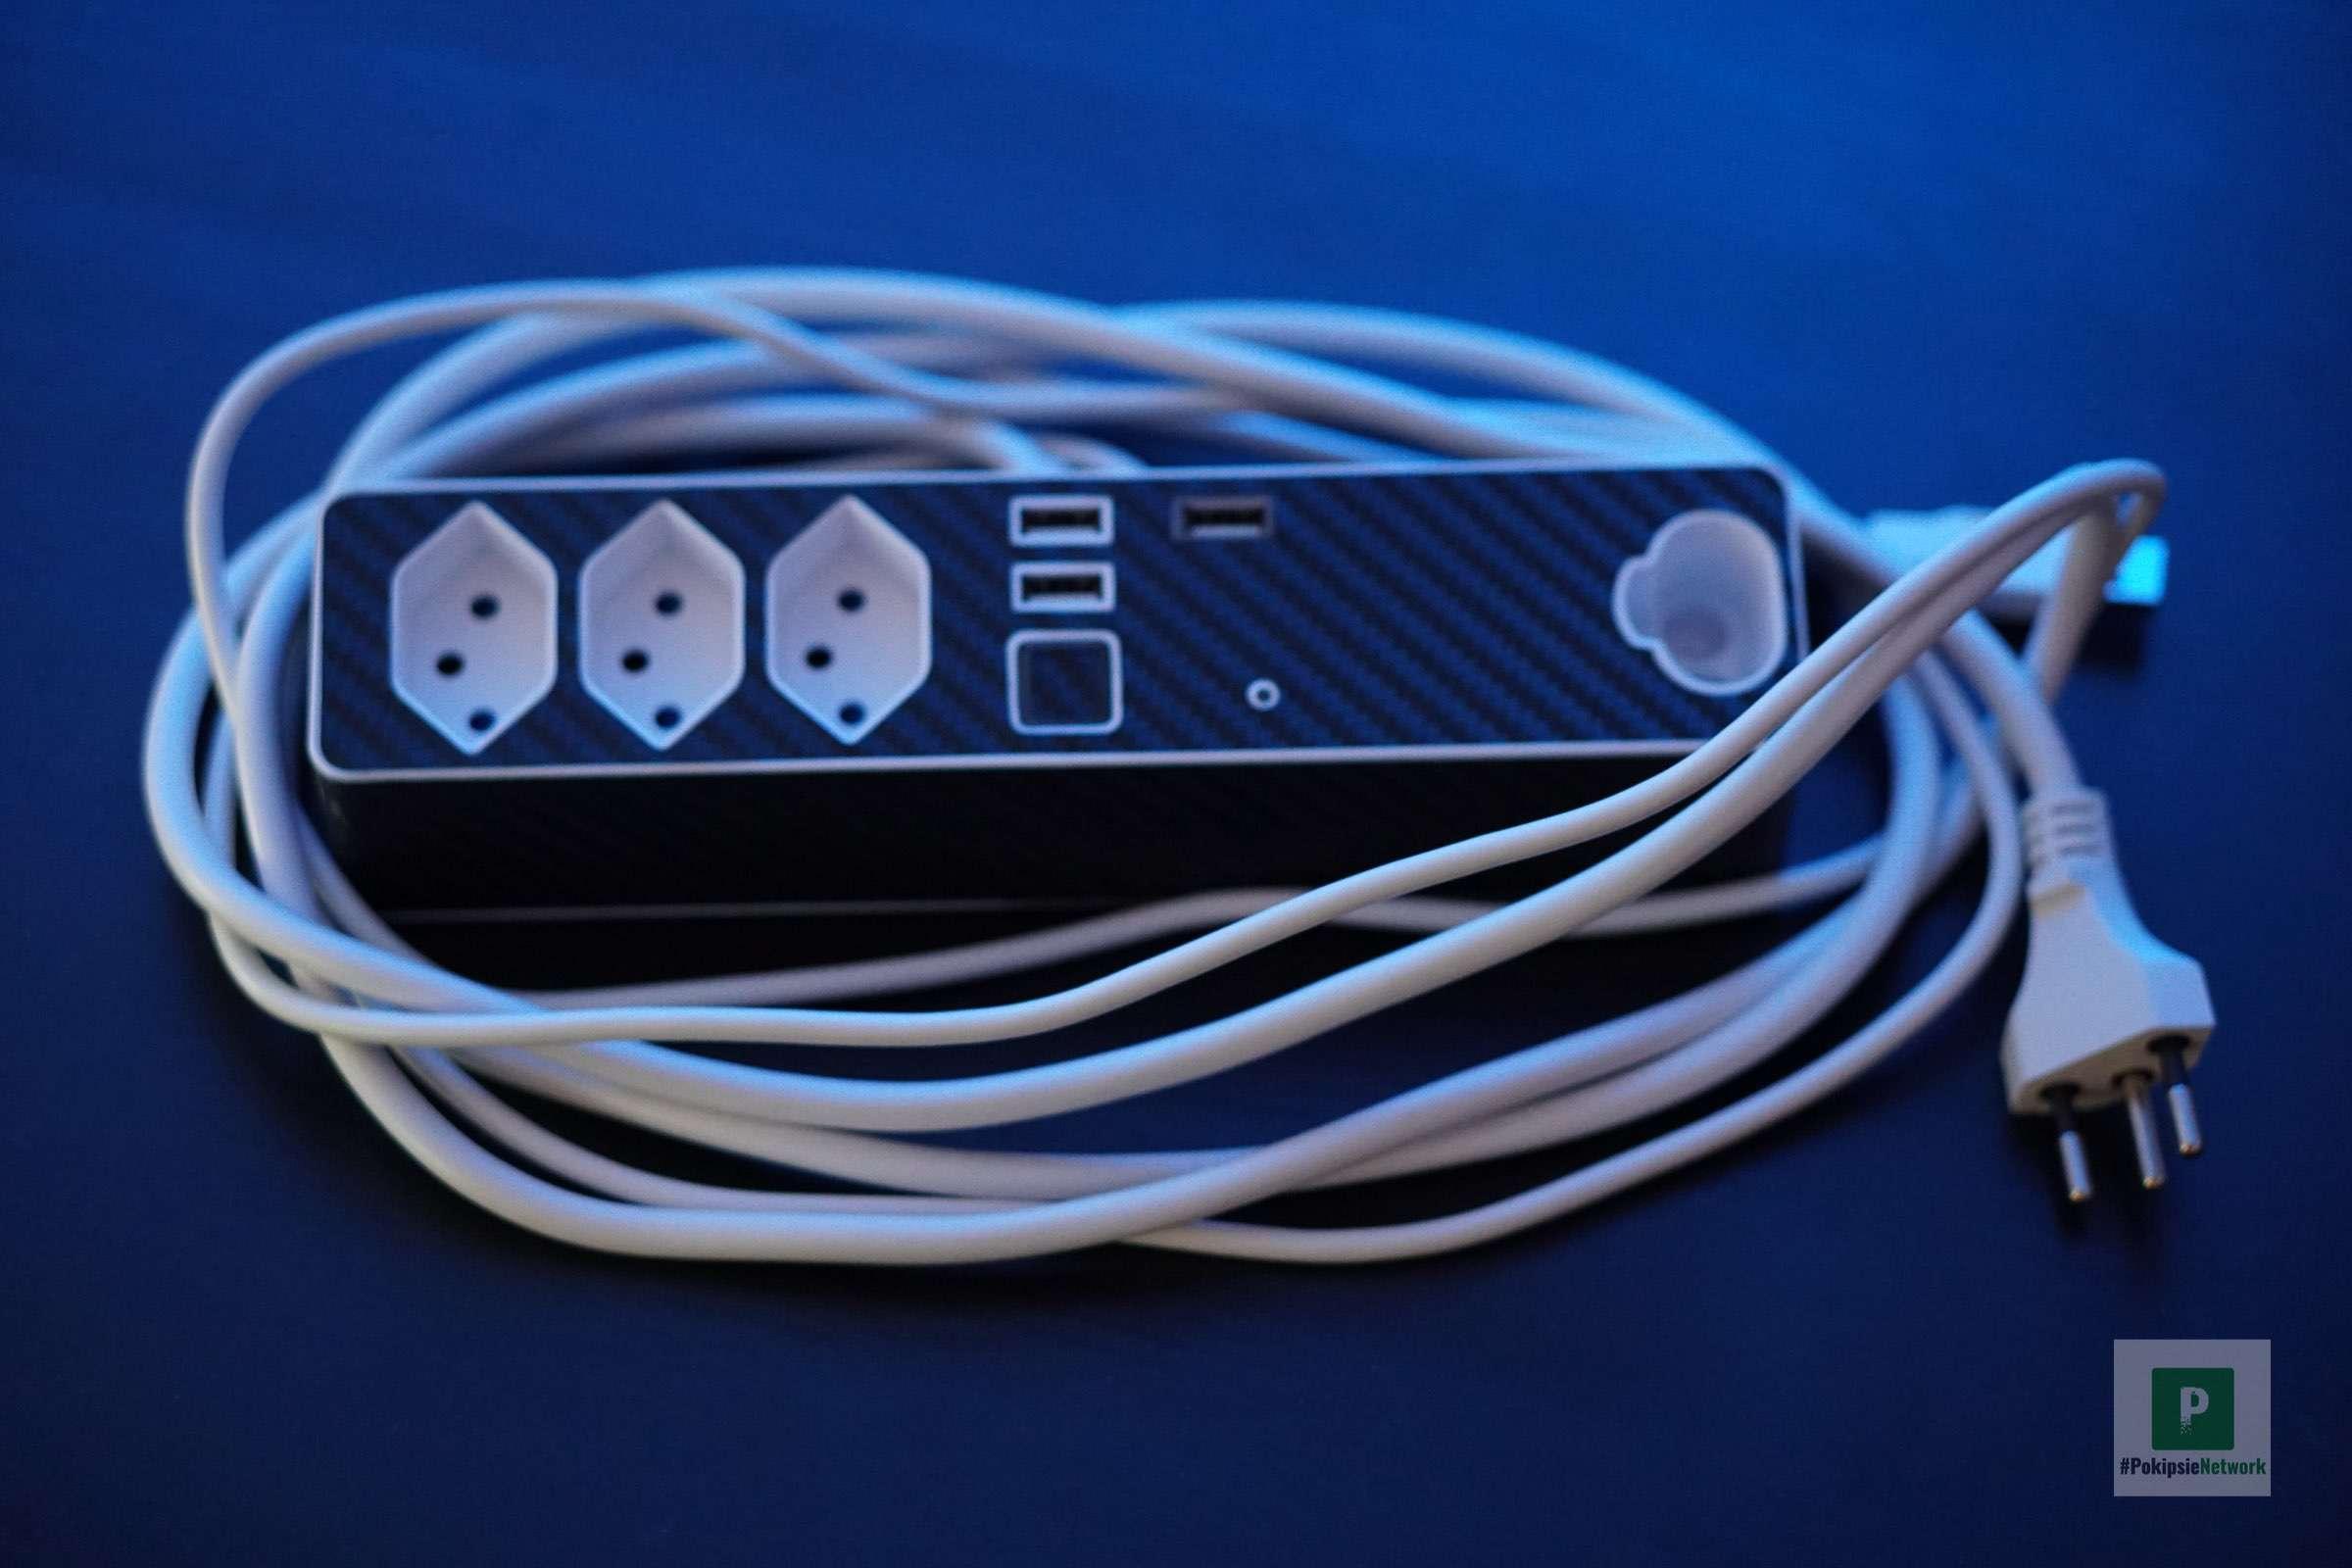 Die Steckerleiste mit den zwei Meter langen Kabeln